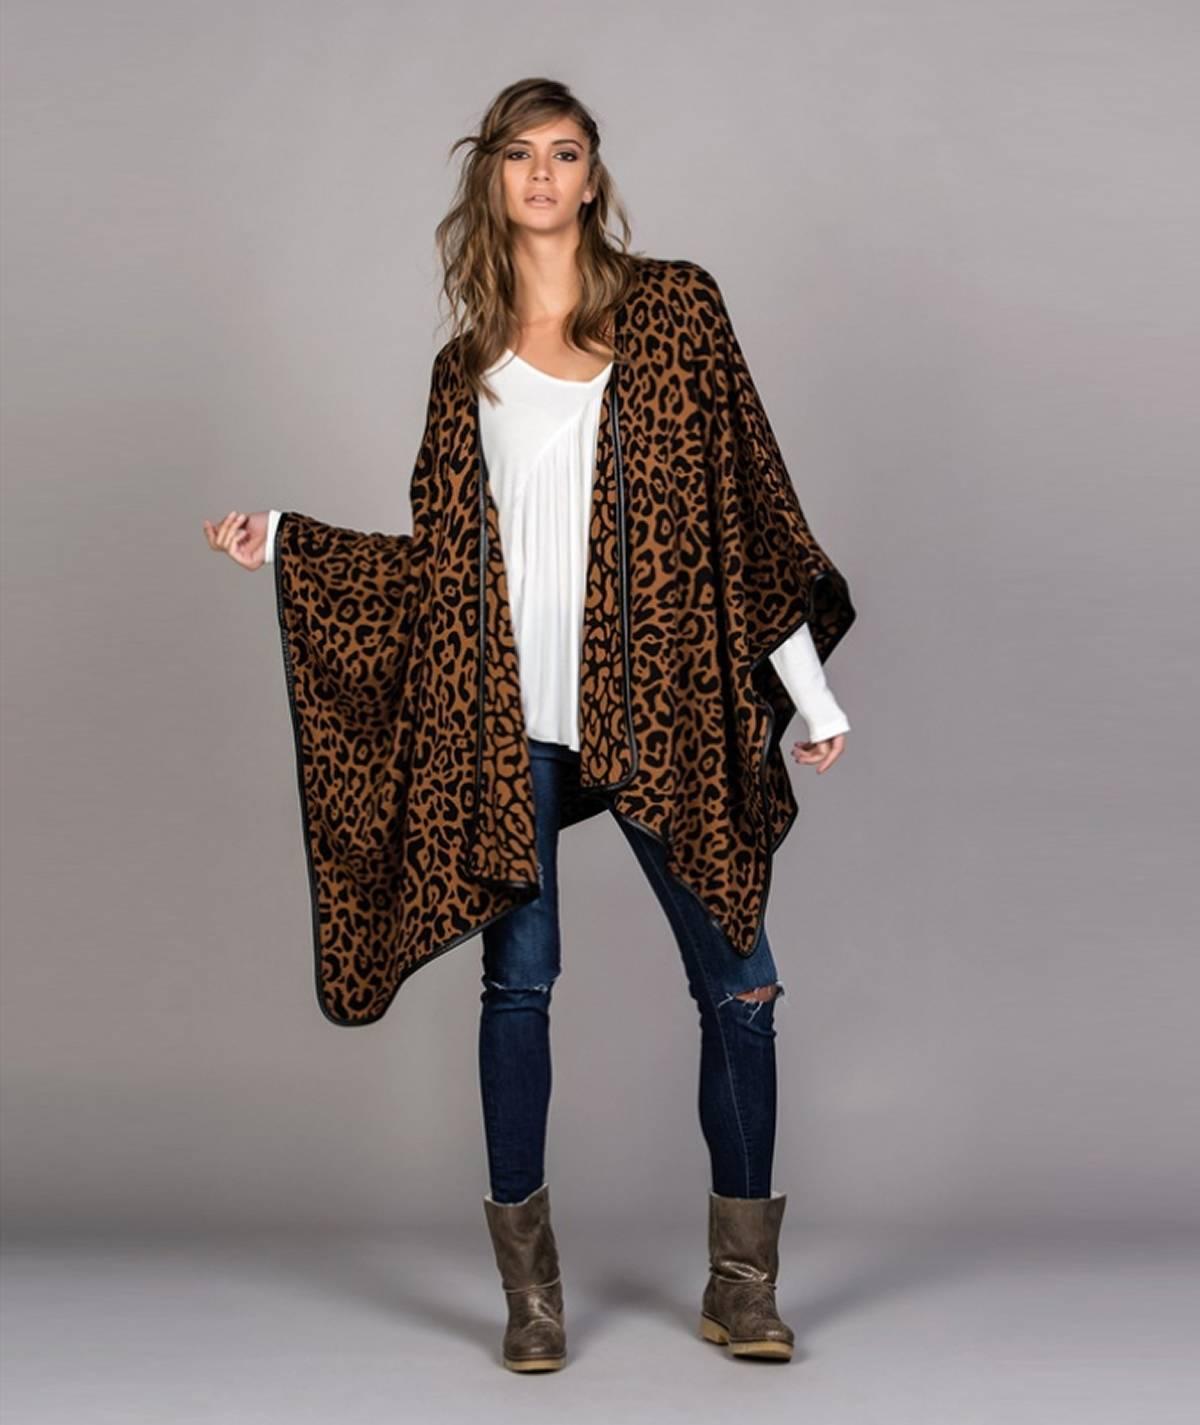 Capa com motivo  leopardo